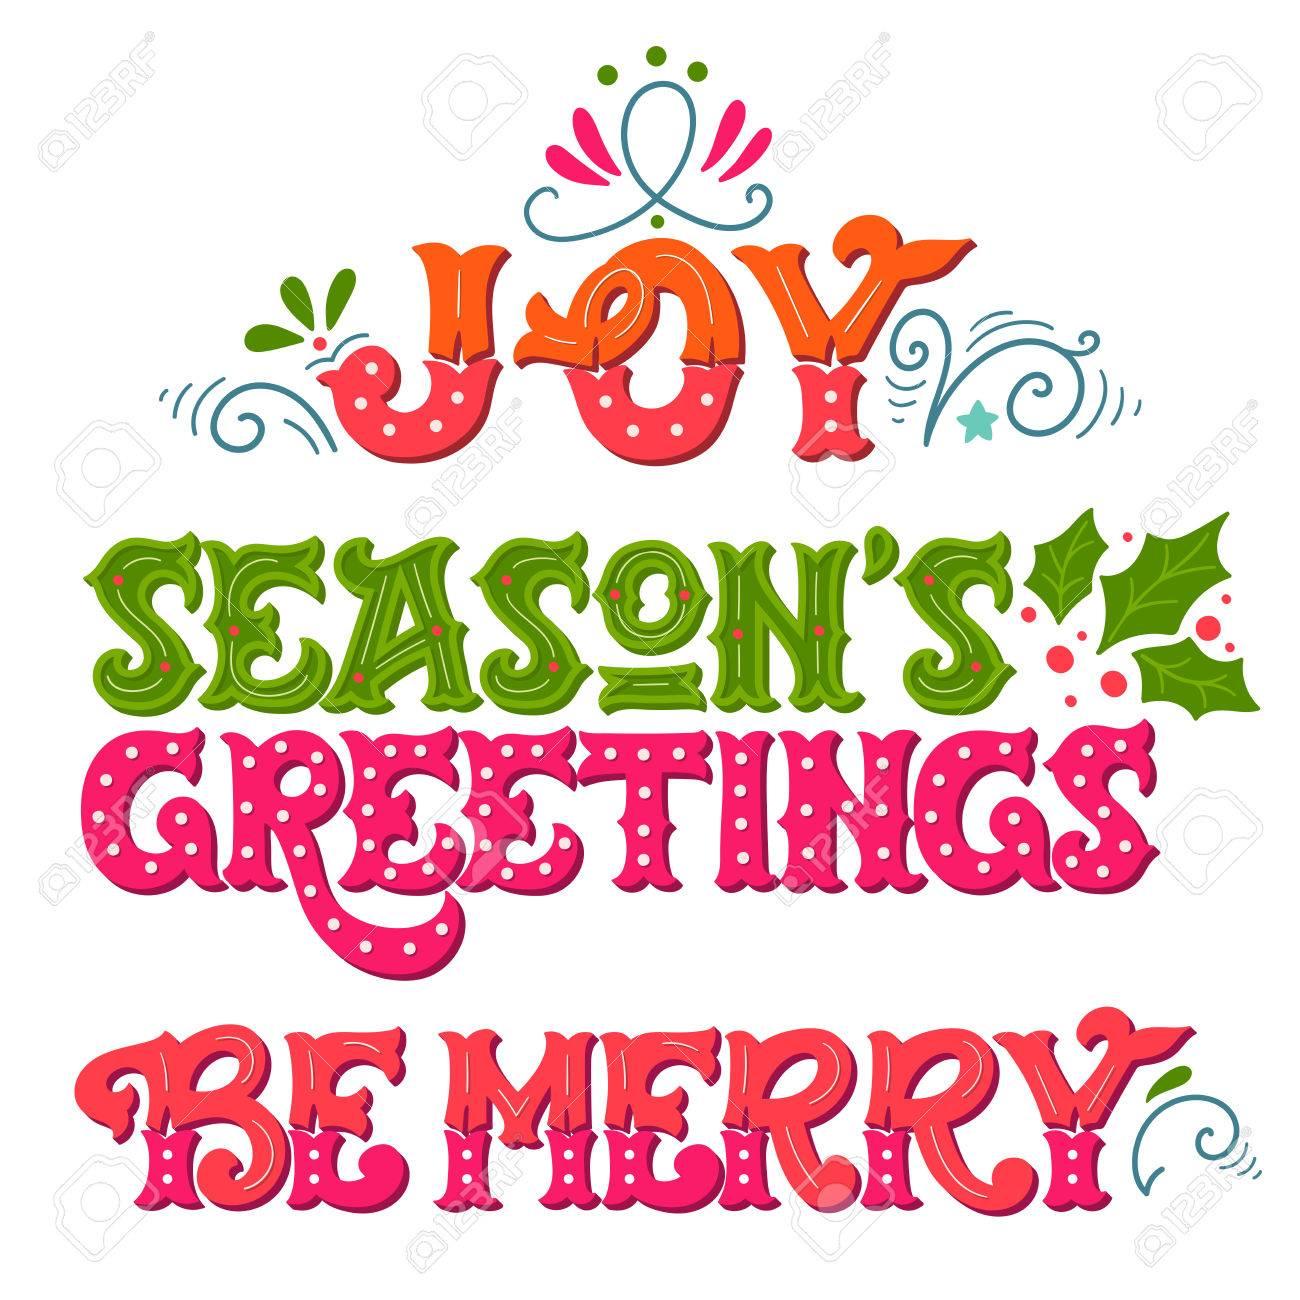 Freude Die Grüße Der Jahreszeit Sei Fröhlich Sammlung Von Hand Gezeichnet Winterferien Sprüche Weihnachten Schriftzug Mit Dekorativen